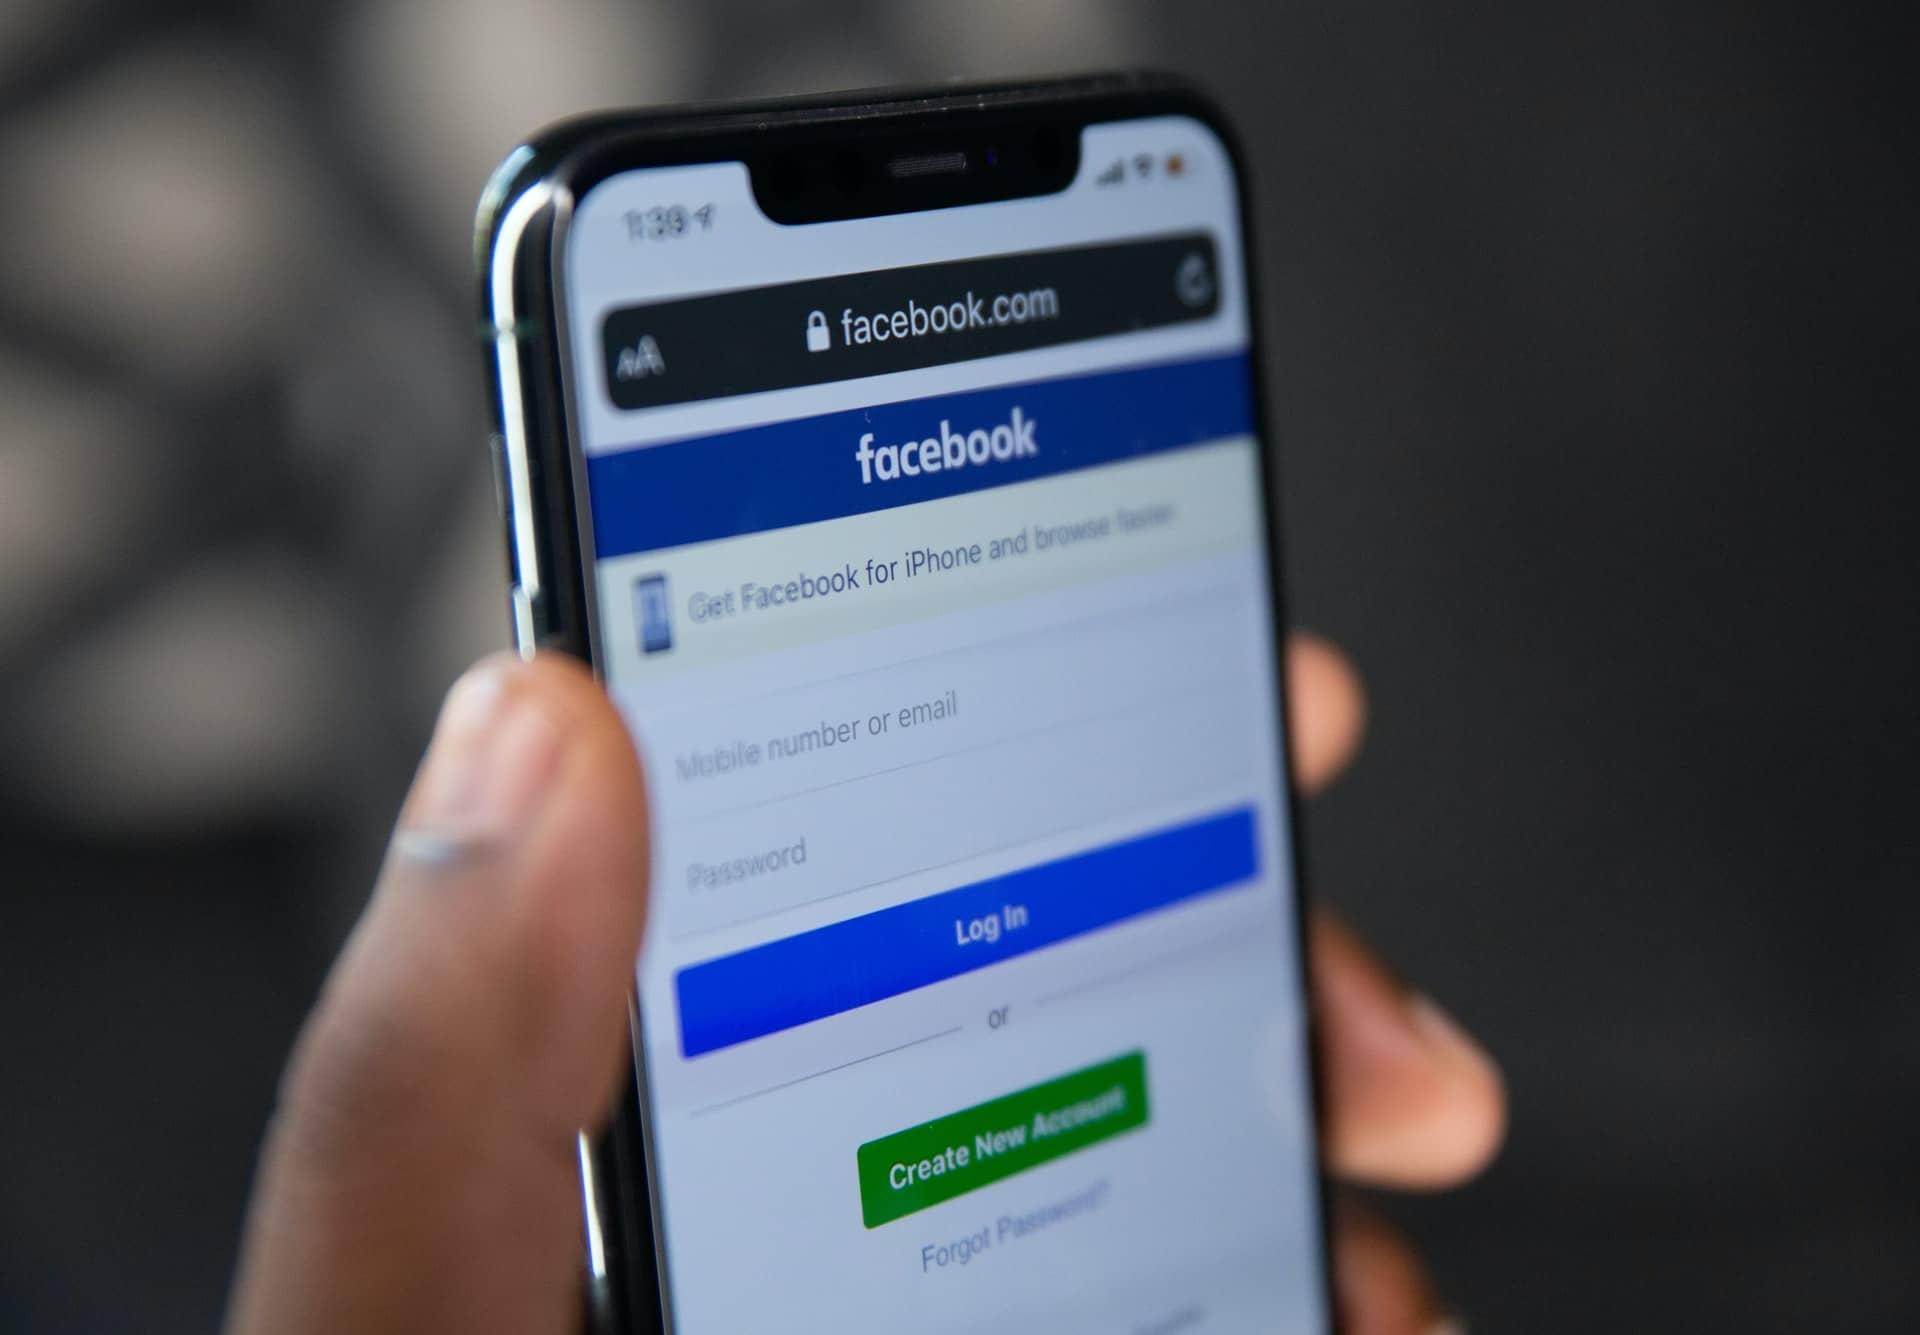 Eduardo Saverin: conheça a história do co-fundador do Facebook